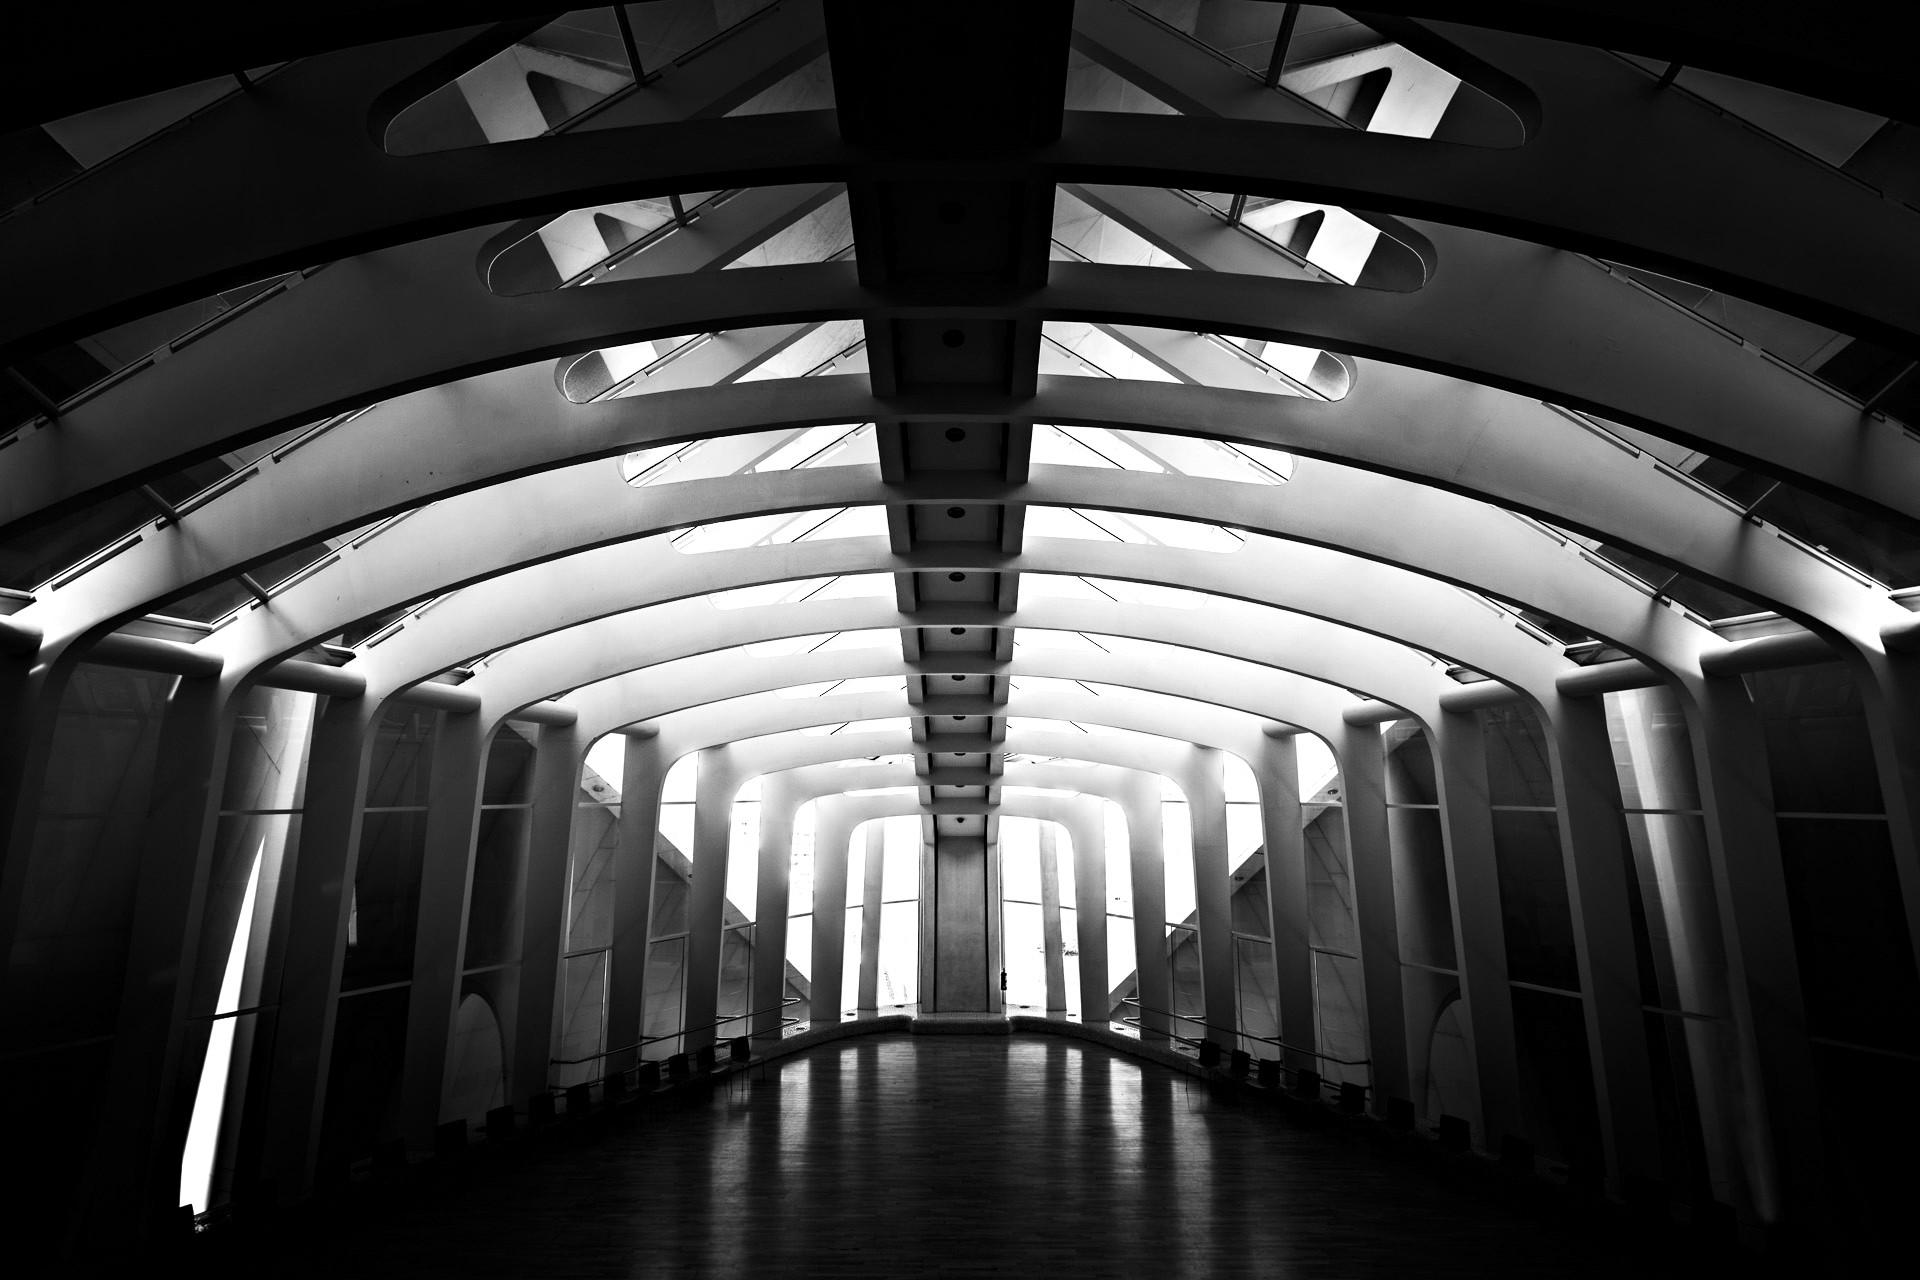 CASbw_philip_gunkel_photographie_www.philipgunkel.de-21